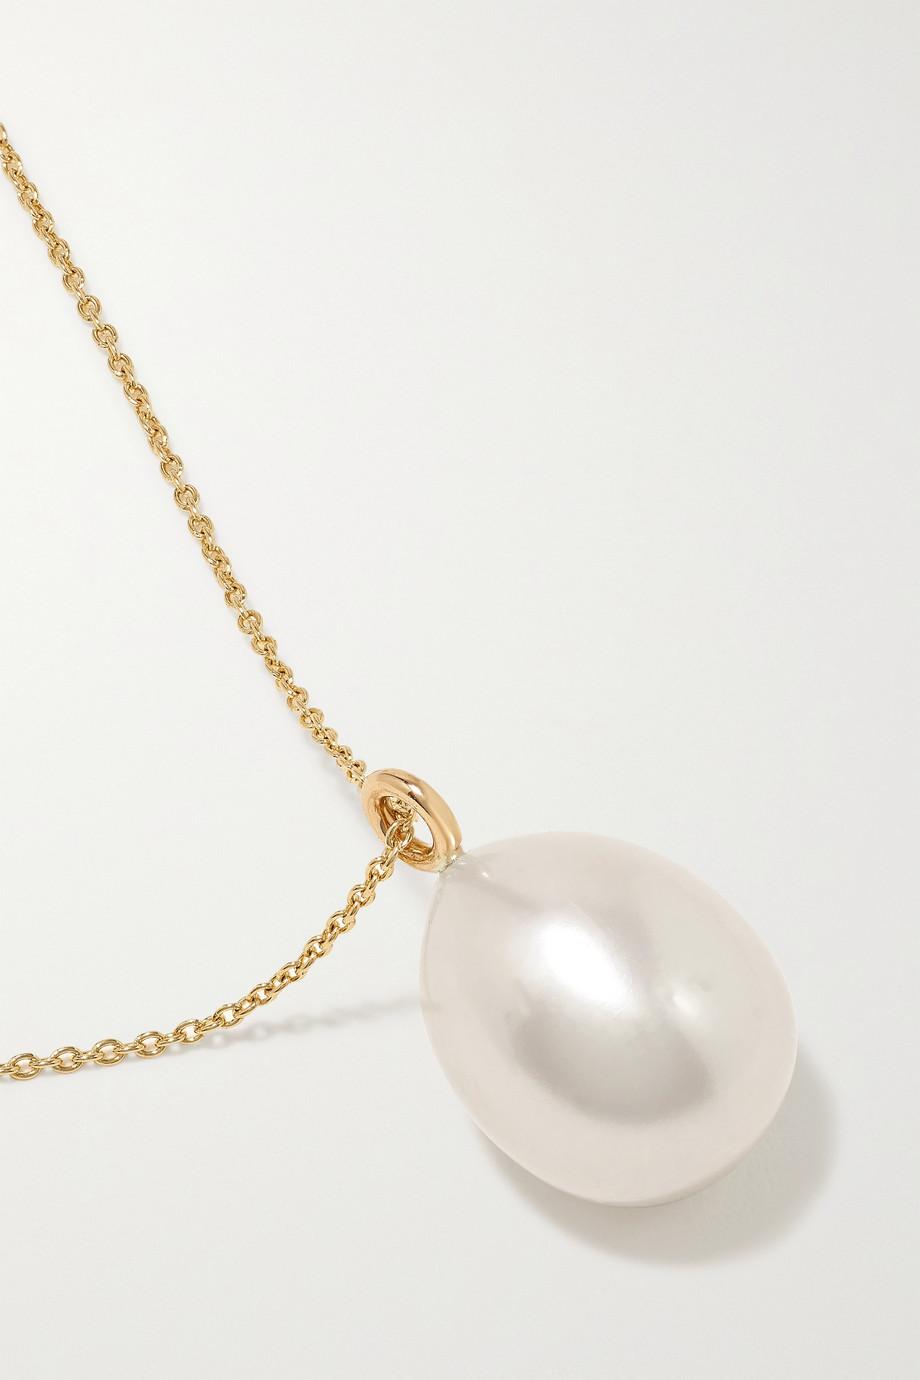 Sophie Bille Brahe Collier en or 14 carats (585/1000) et perle L'Eau